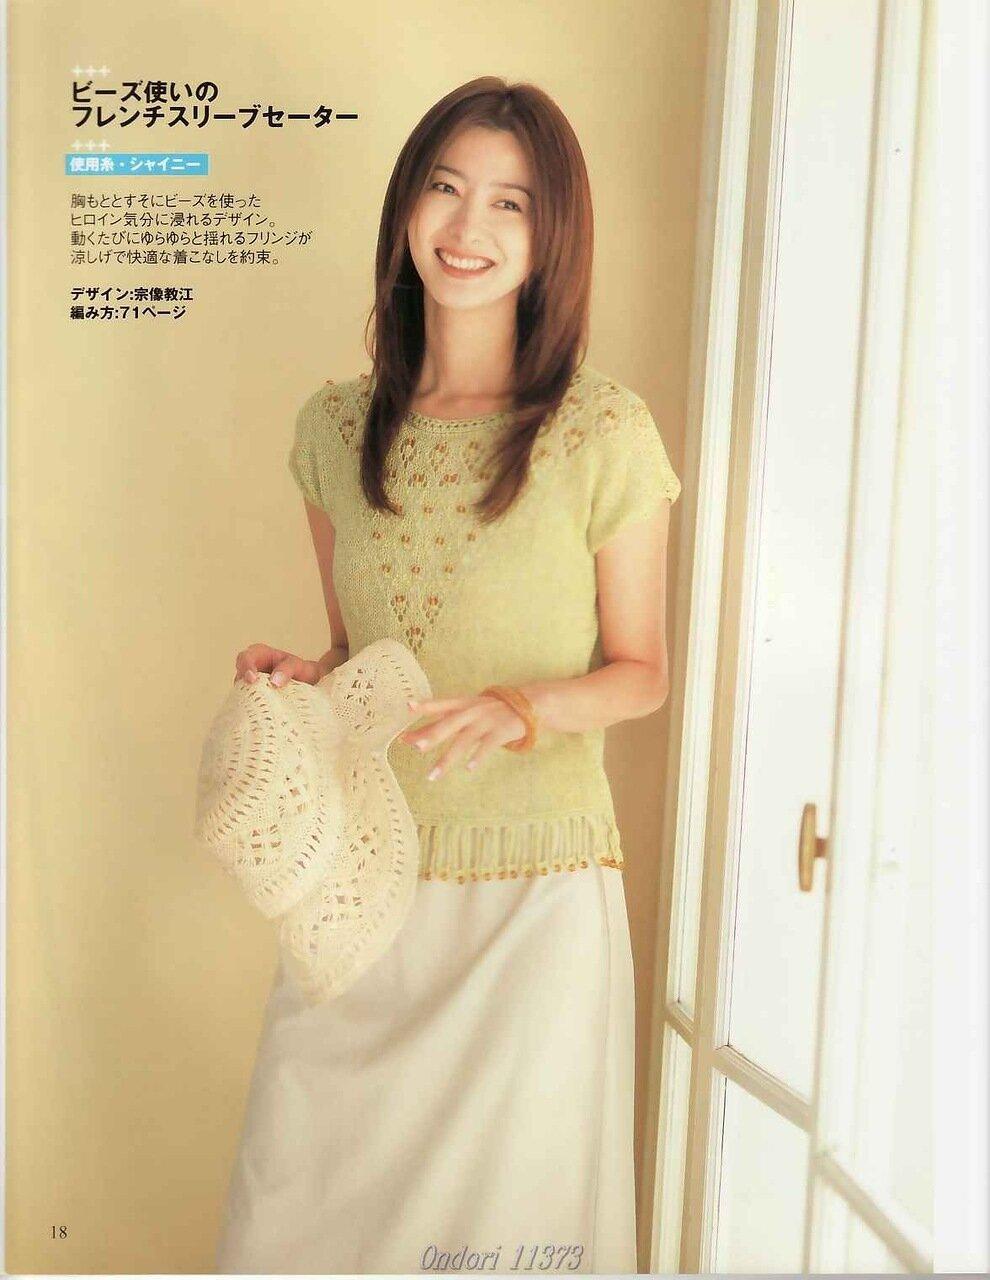 【转载】Ondori 11373 Spring  Summer Knit - 日文书 - 荷塘秀色 - 茶之韵